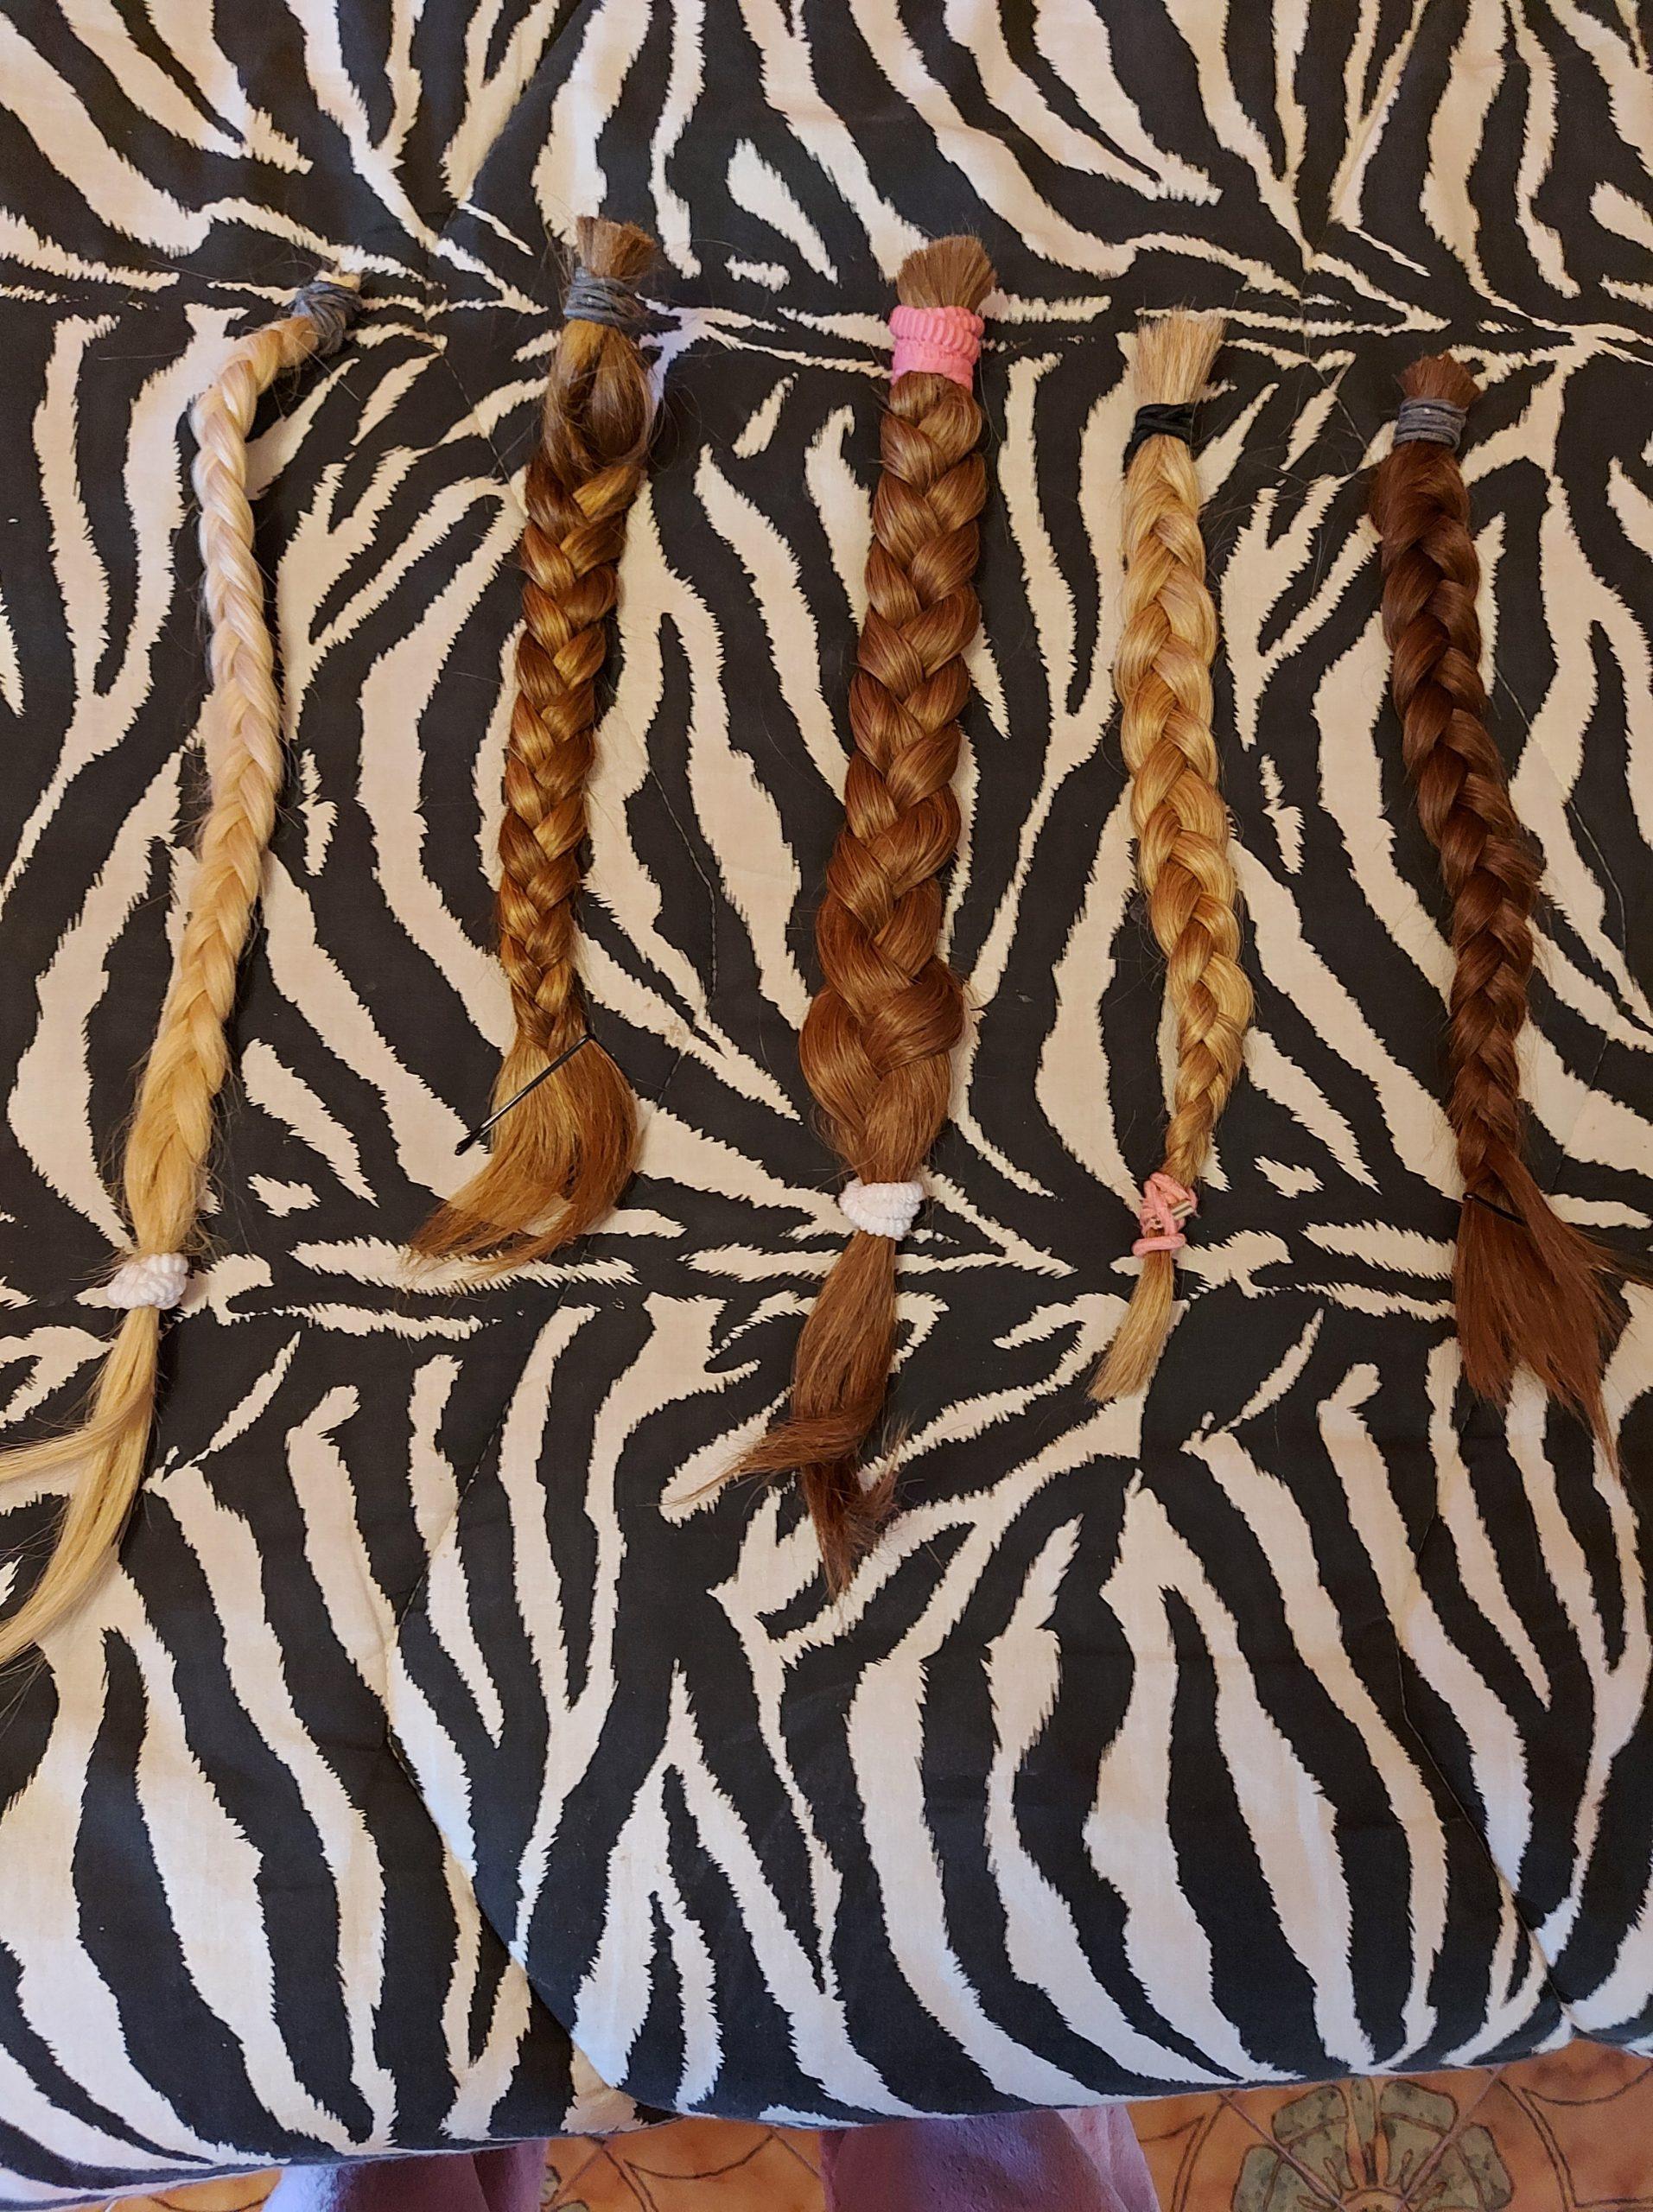 European thick virgin hair bundles